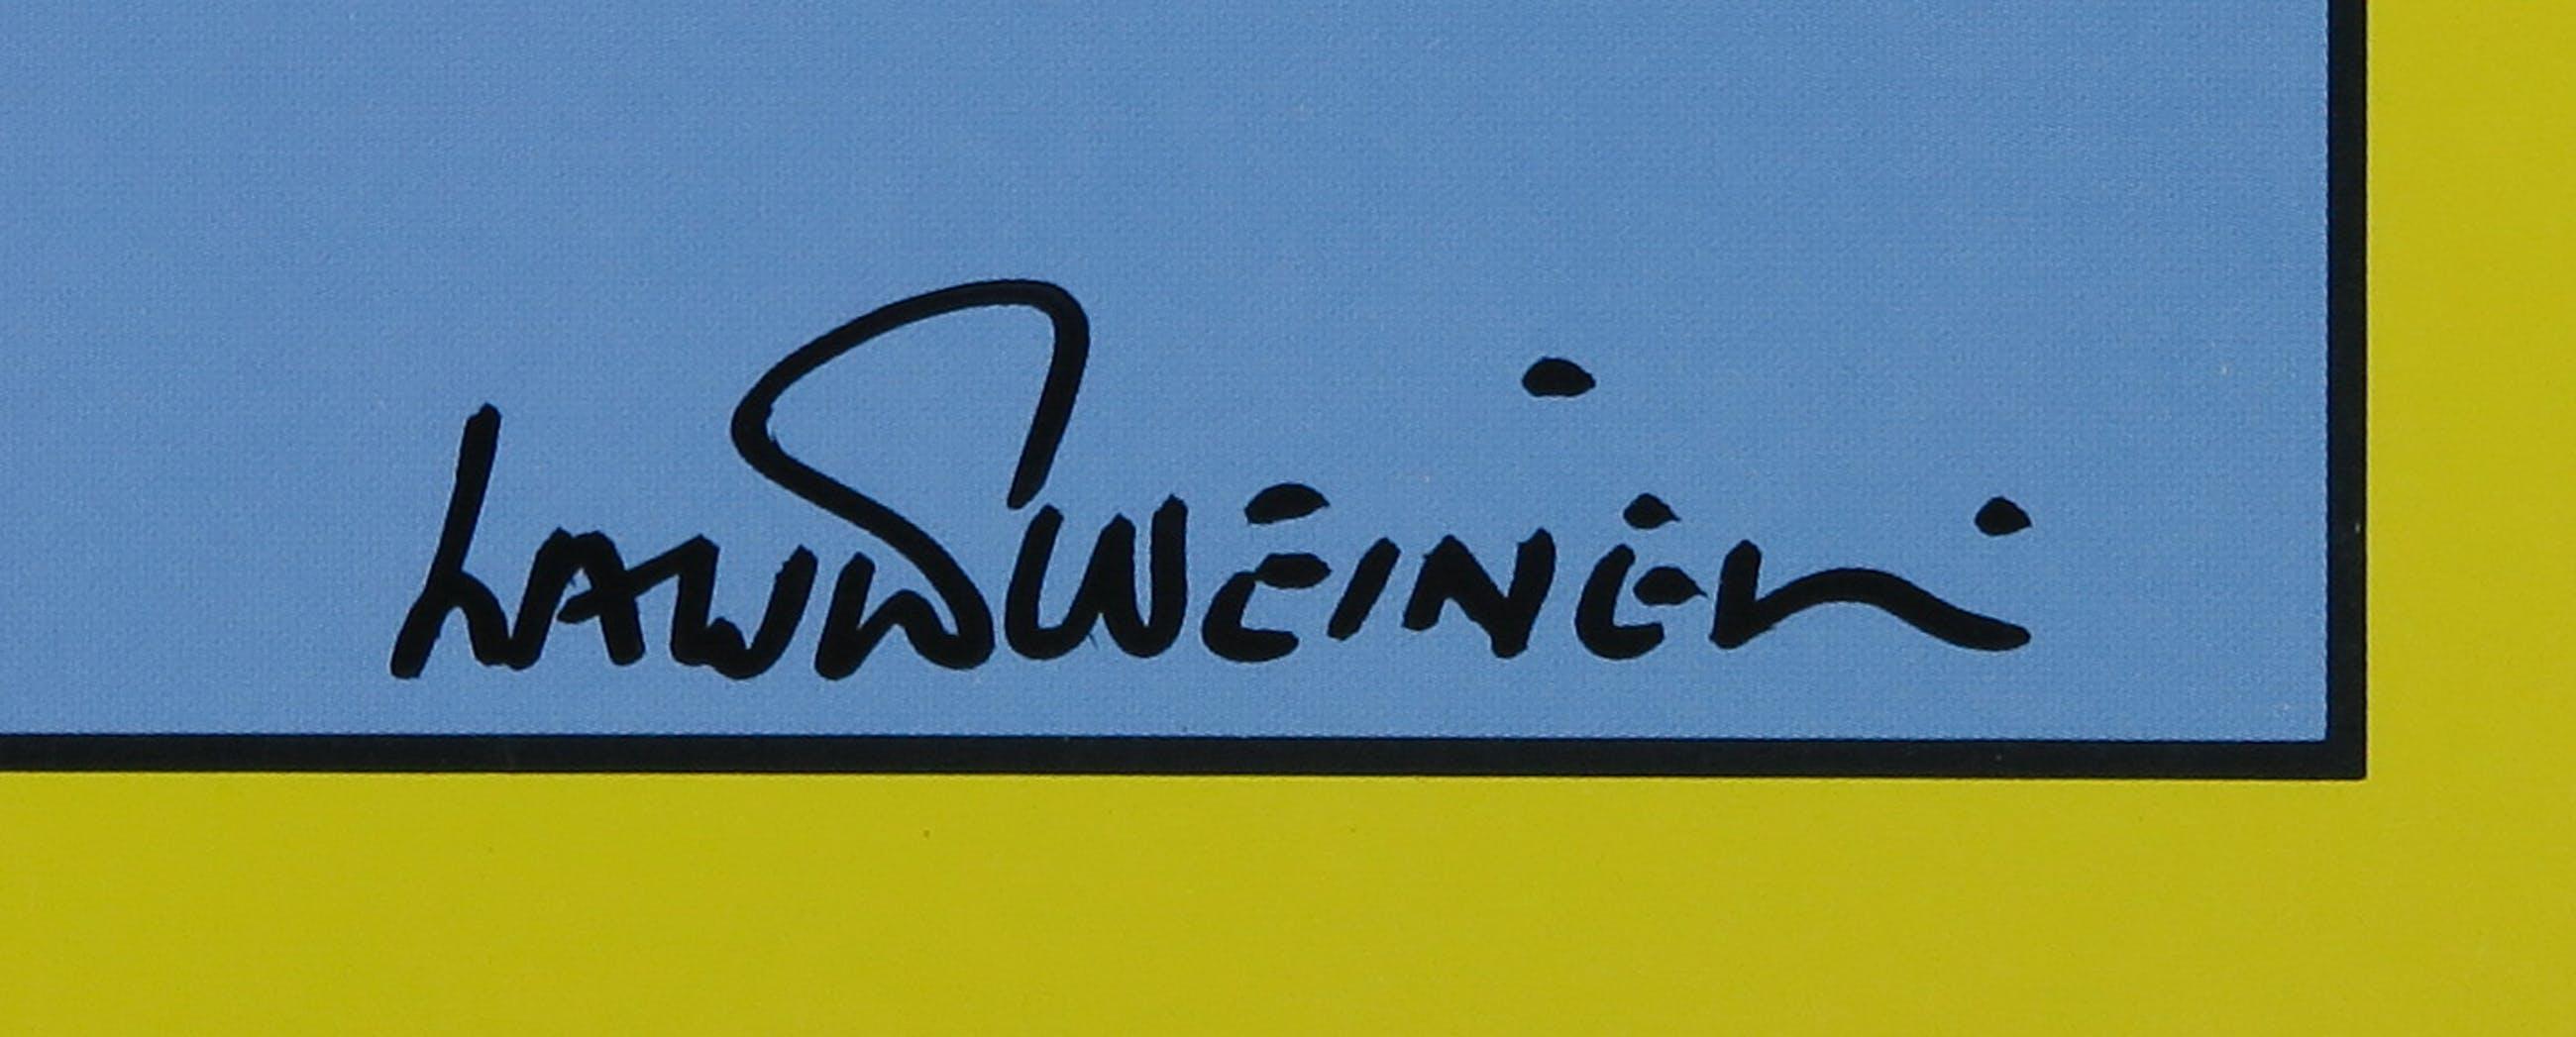 Lawrence Weiner - Gesigneerde LP-hoes, Thick Pigeon album: Too Crazy Cowboys kopen? Bied vanaf 1!